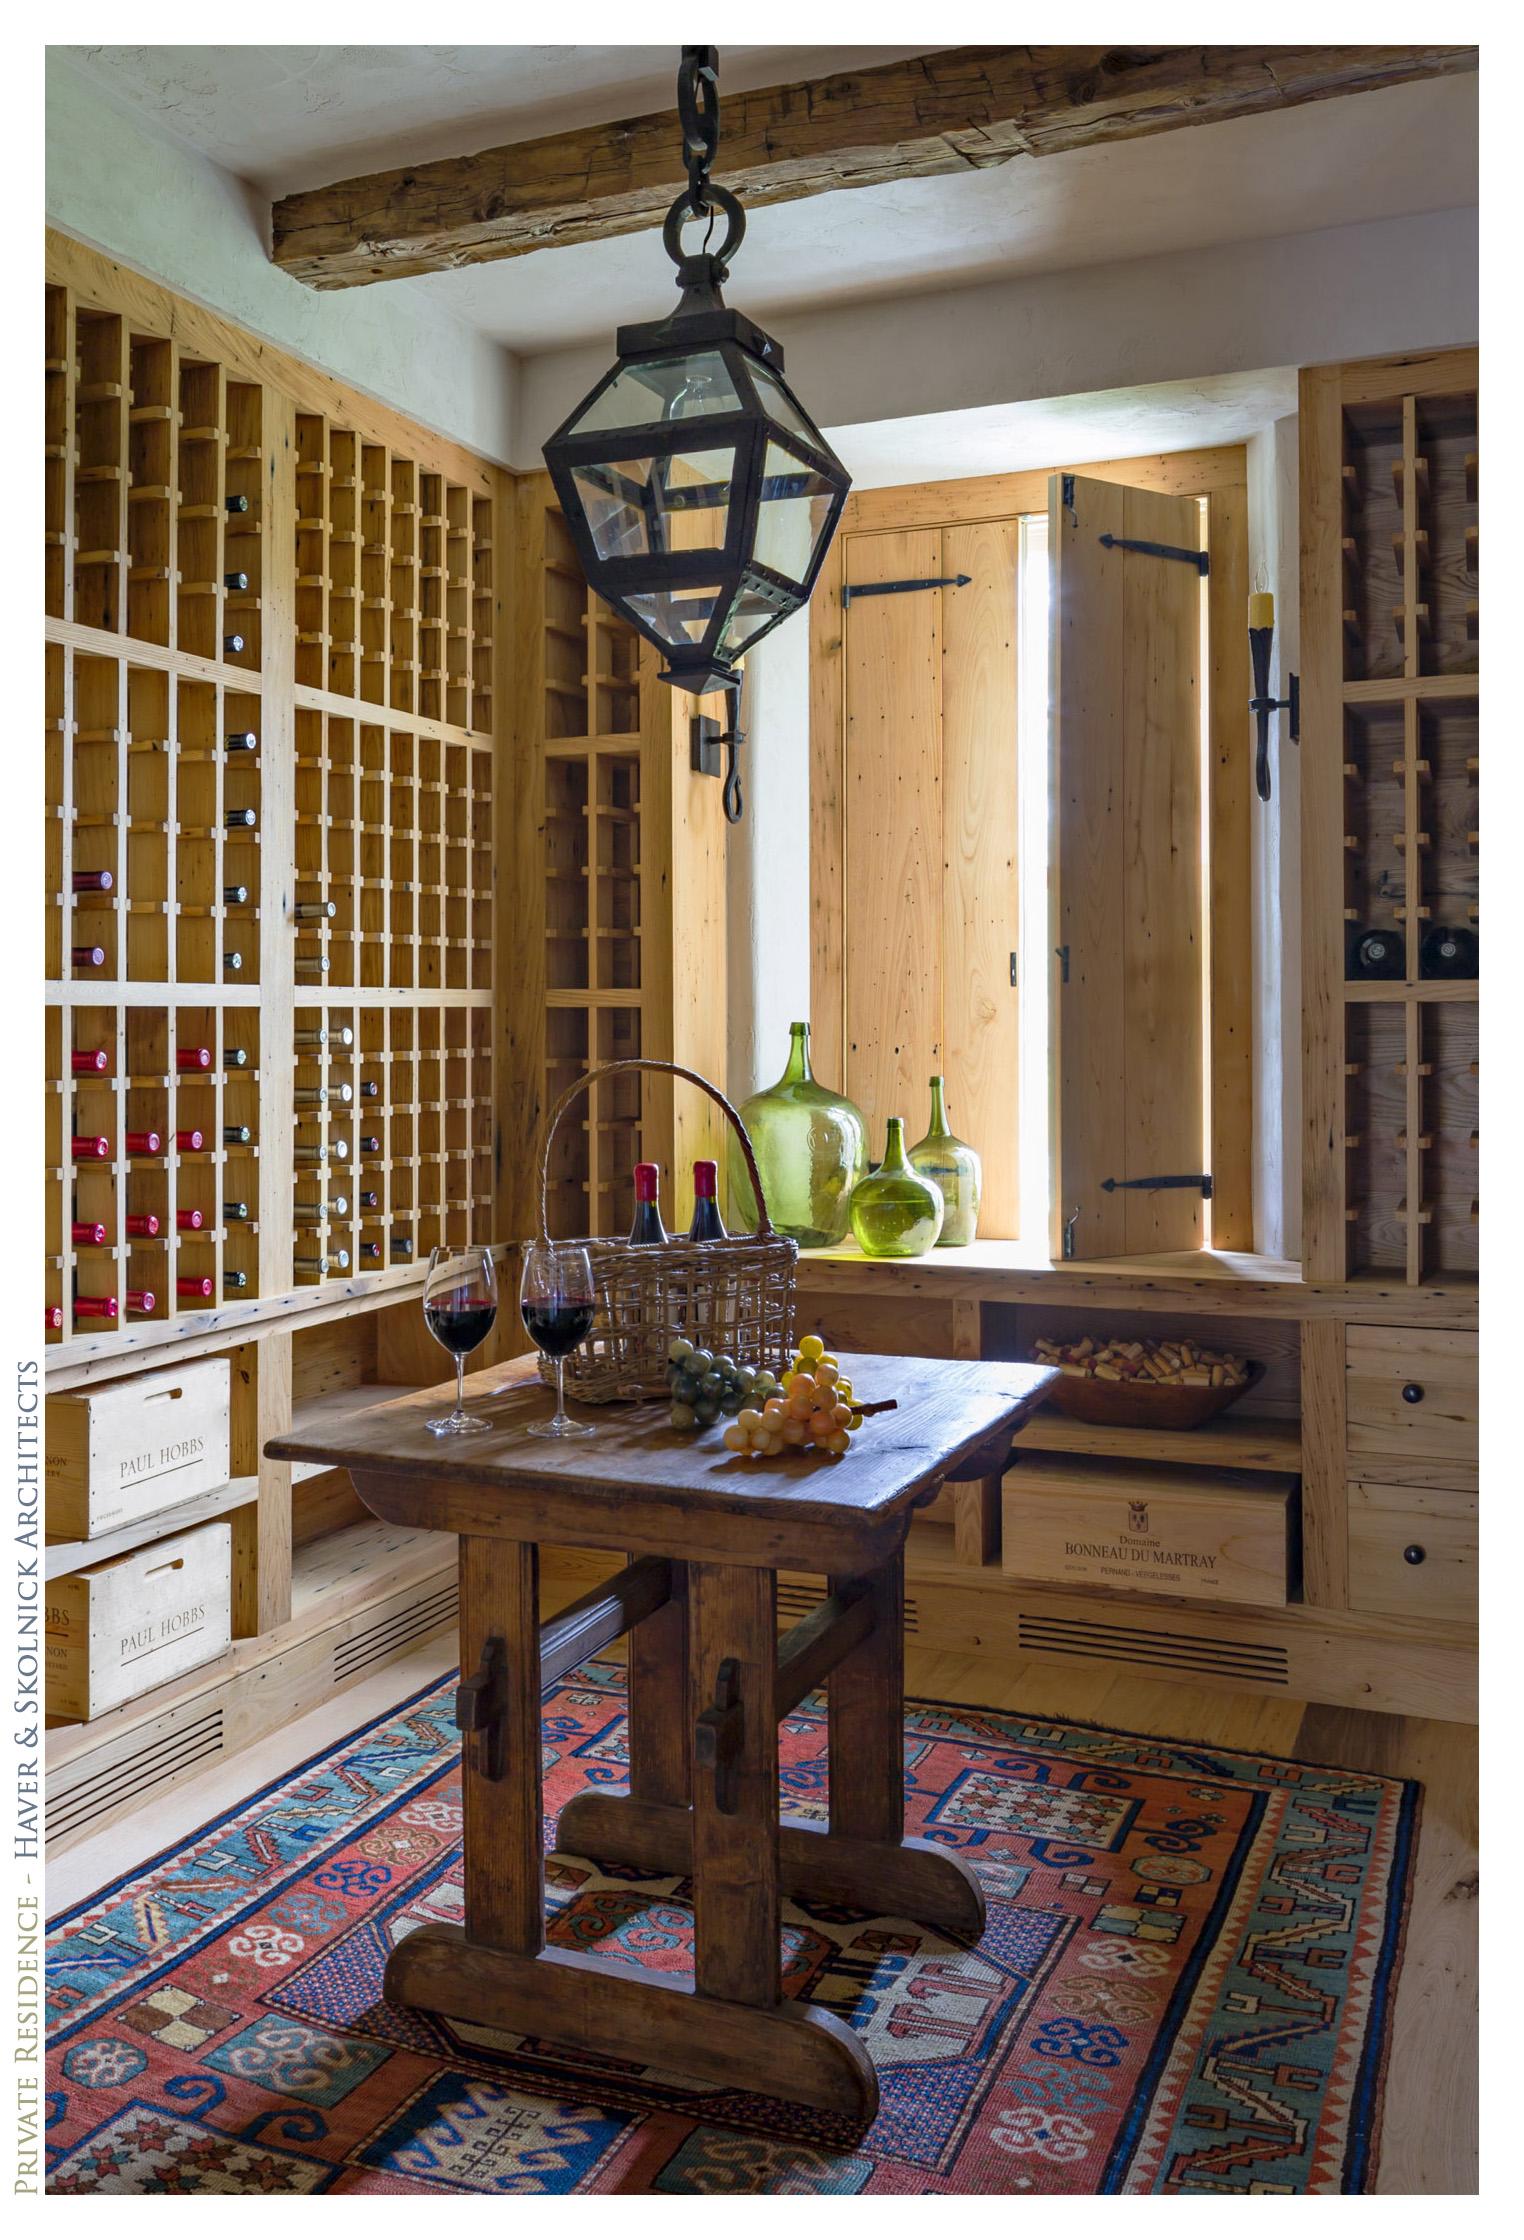 035_Robert-Benson-Photography-Residence-Haver-Skolnick-Wine-28P.JPG